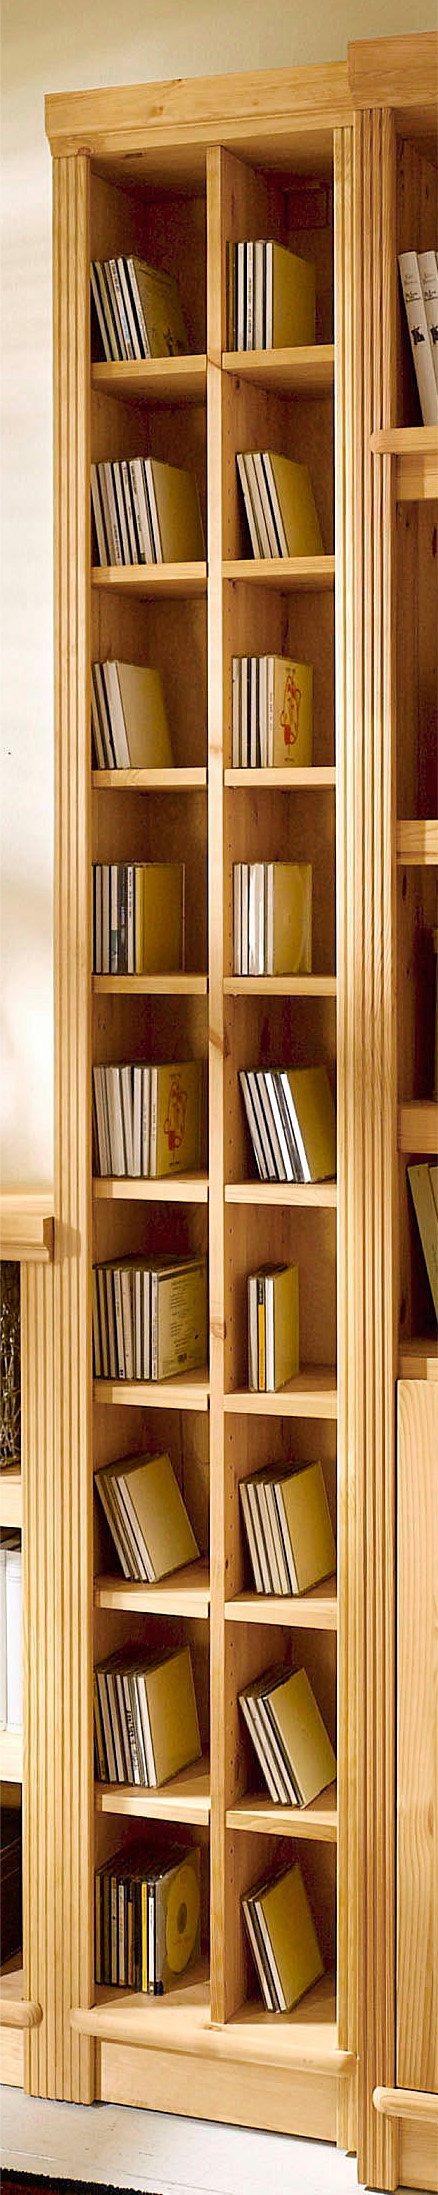 CD-Regal, Home affaire, »Soeren«, in 2 Höhen, Tiefe 29 cm | Wohnzimmer > TV-HiFi-Möbel > CD- & DVD-Regale | Weiß | Massivholz - Gebeizt - Poliert | Home affaire